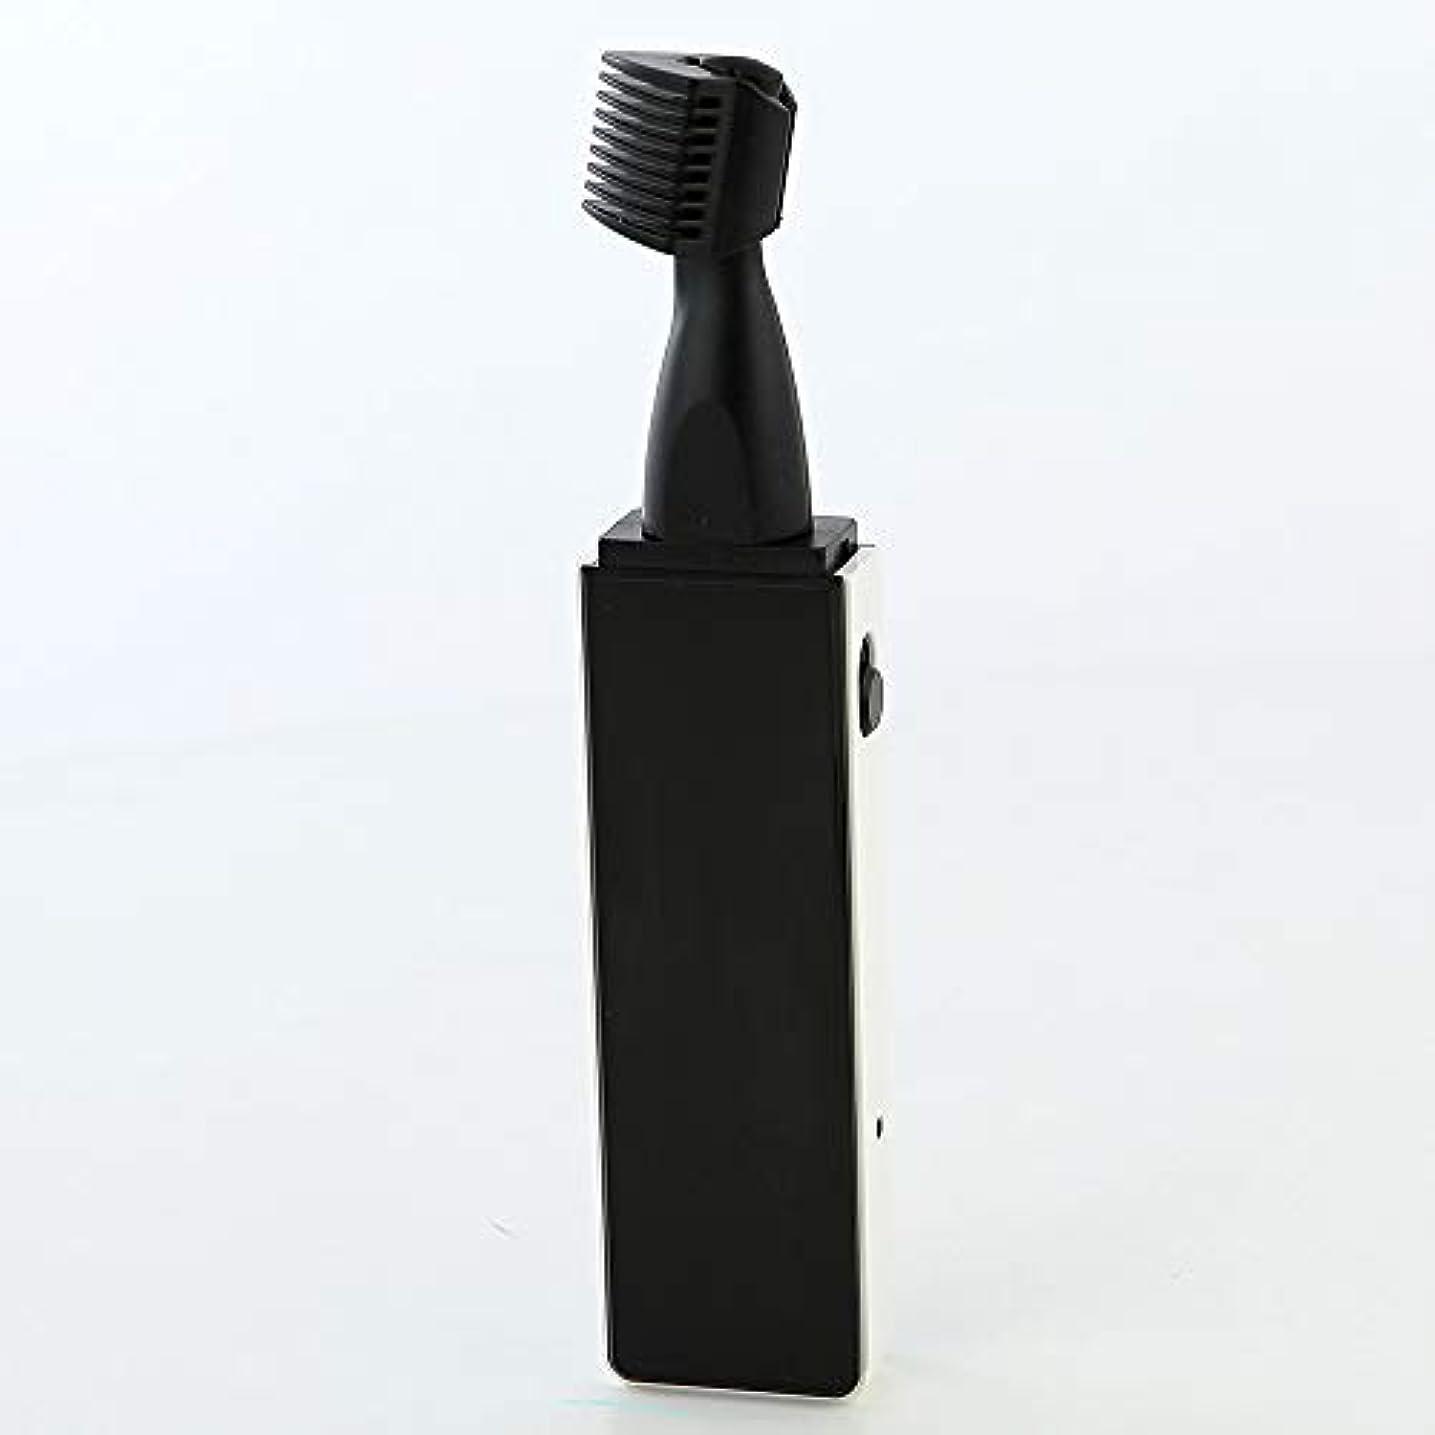 クスクスアウター重要性鼻毛トリマー、男性の眉毛トリマーのための1つの鼻毛トリマー3 in 1プロフェッショナル鼻毛トリマー再耳当て可能,黒